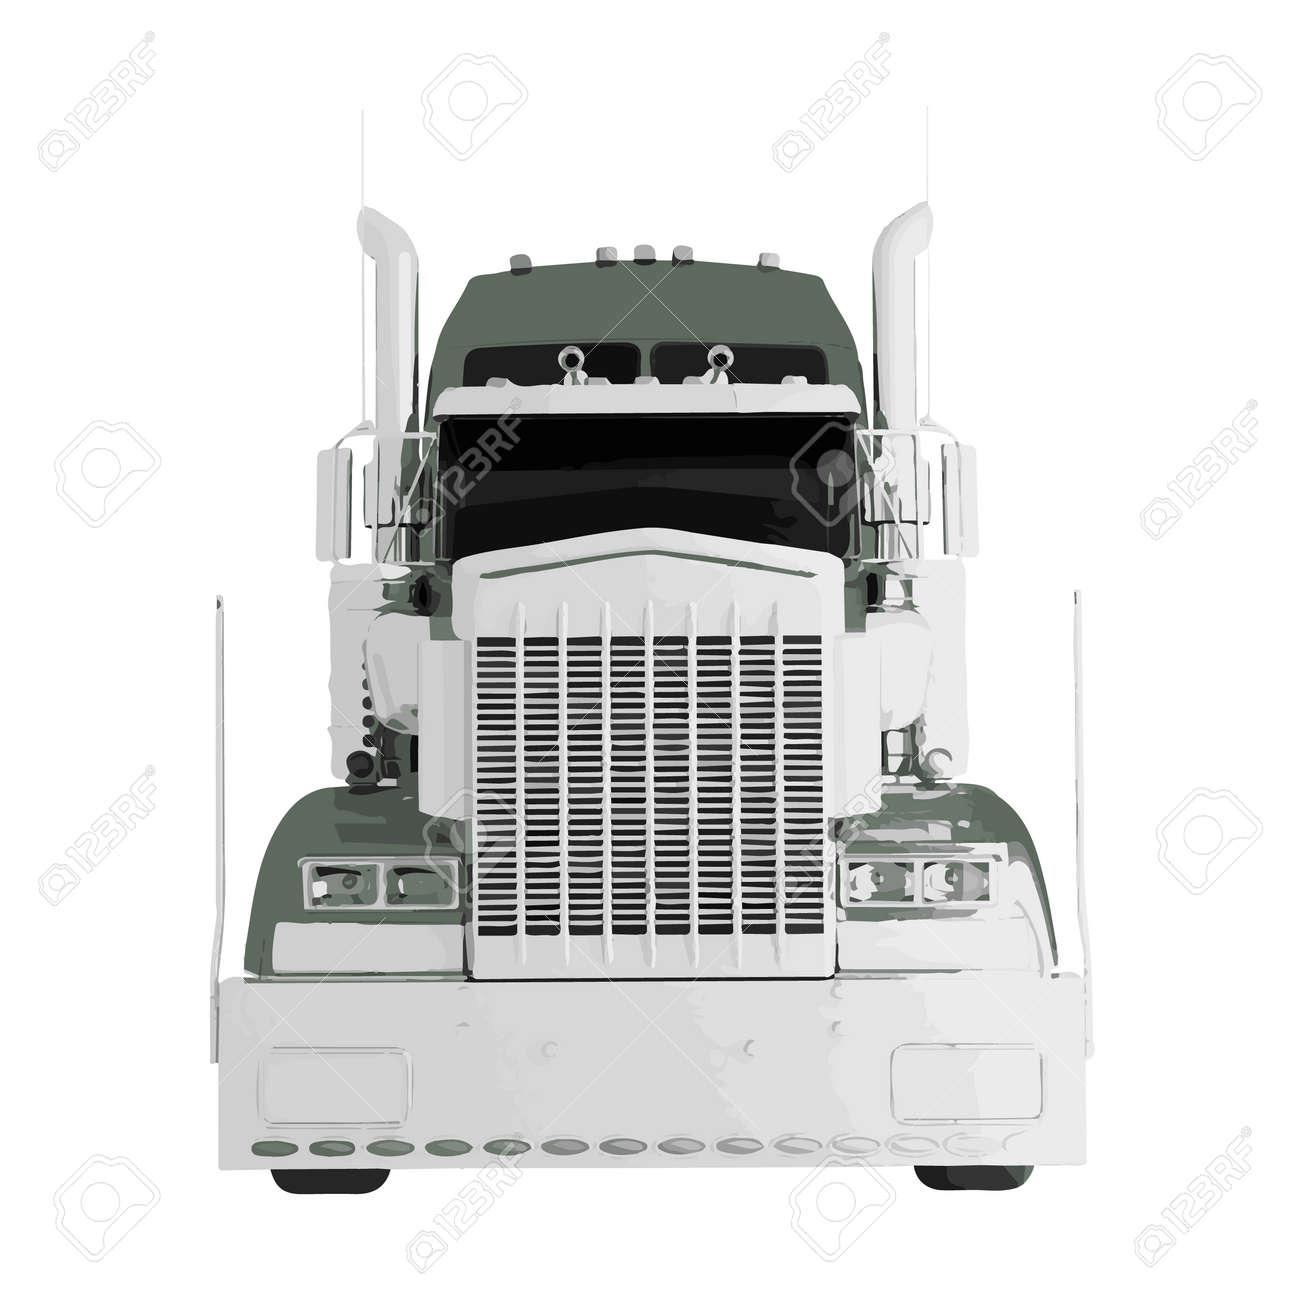 Vektor-amerikanischen Lkw-Anhänger Auf Weißem Hintergrund Lizenzfrei ...